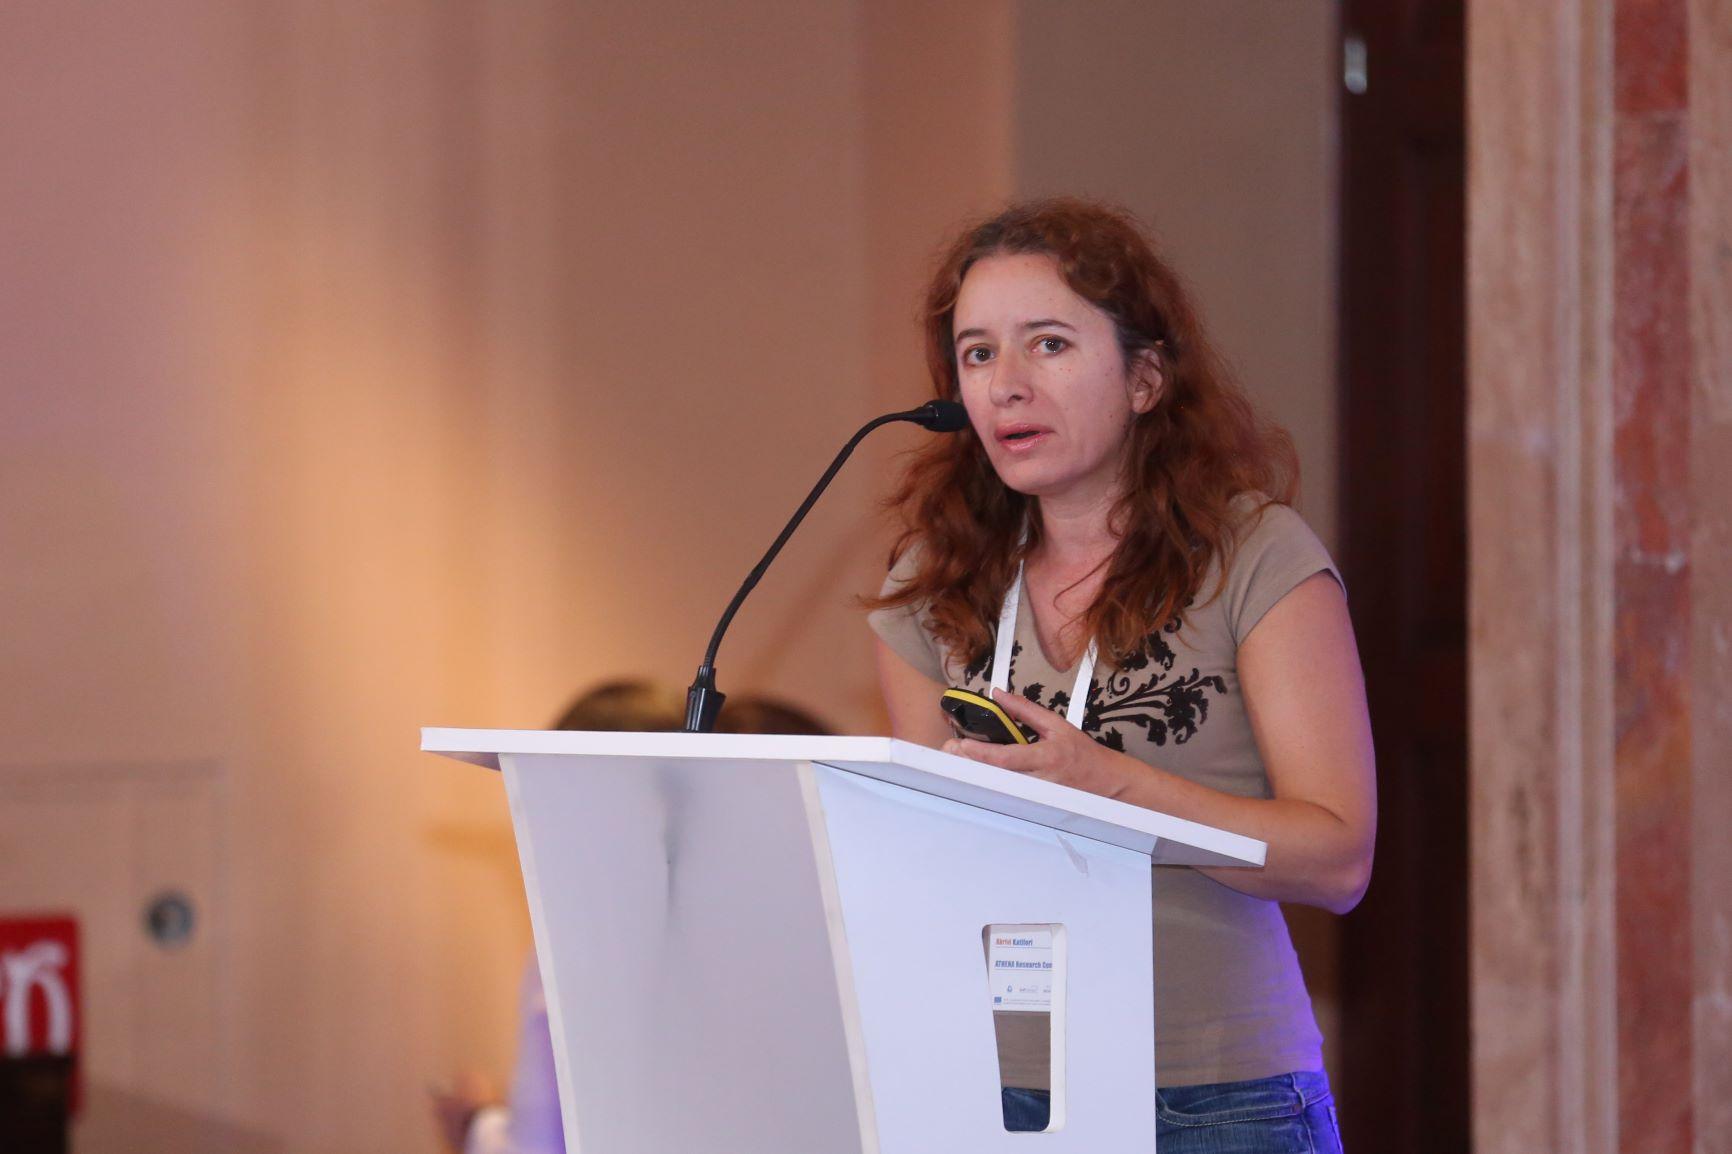 Акріві Катіфорі з Греції знайомить слухачів з технологією мобільного цифрового оповідання